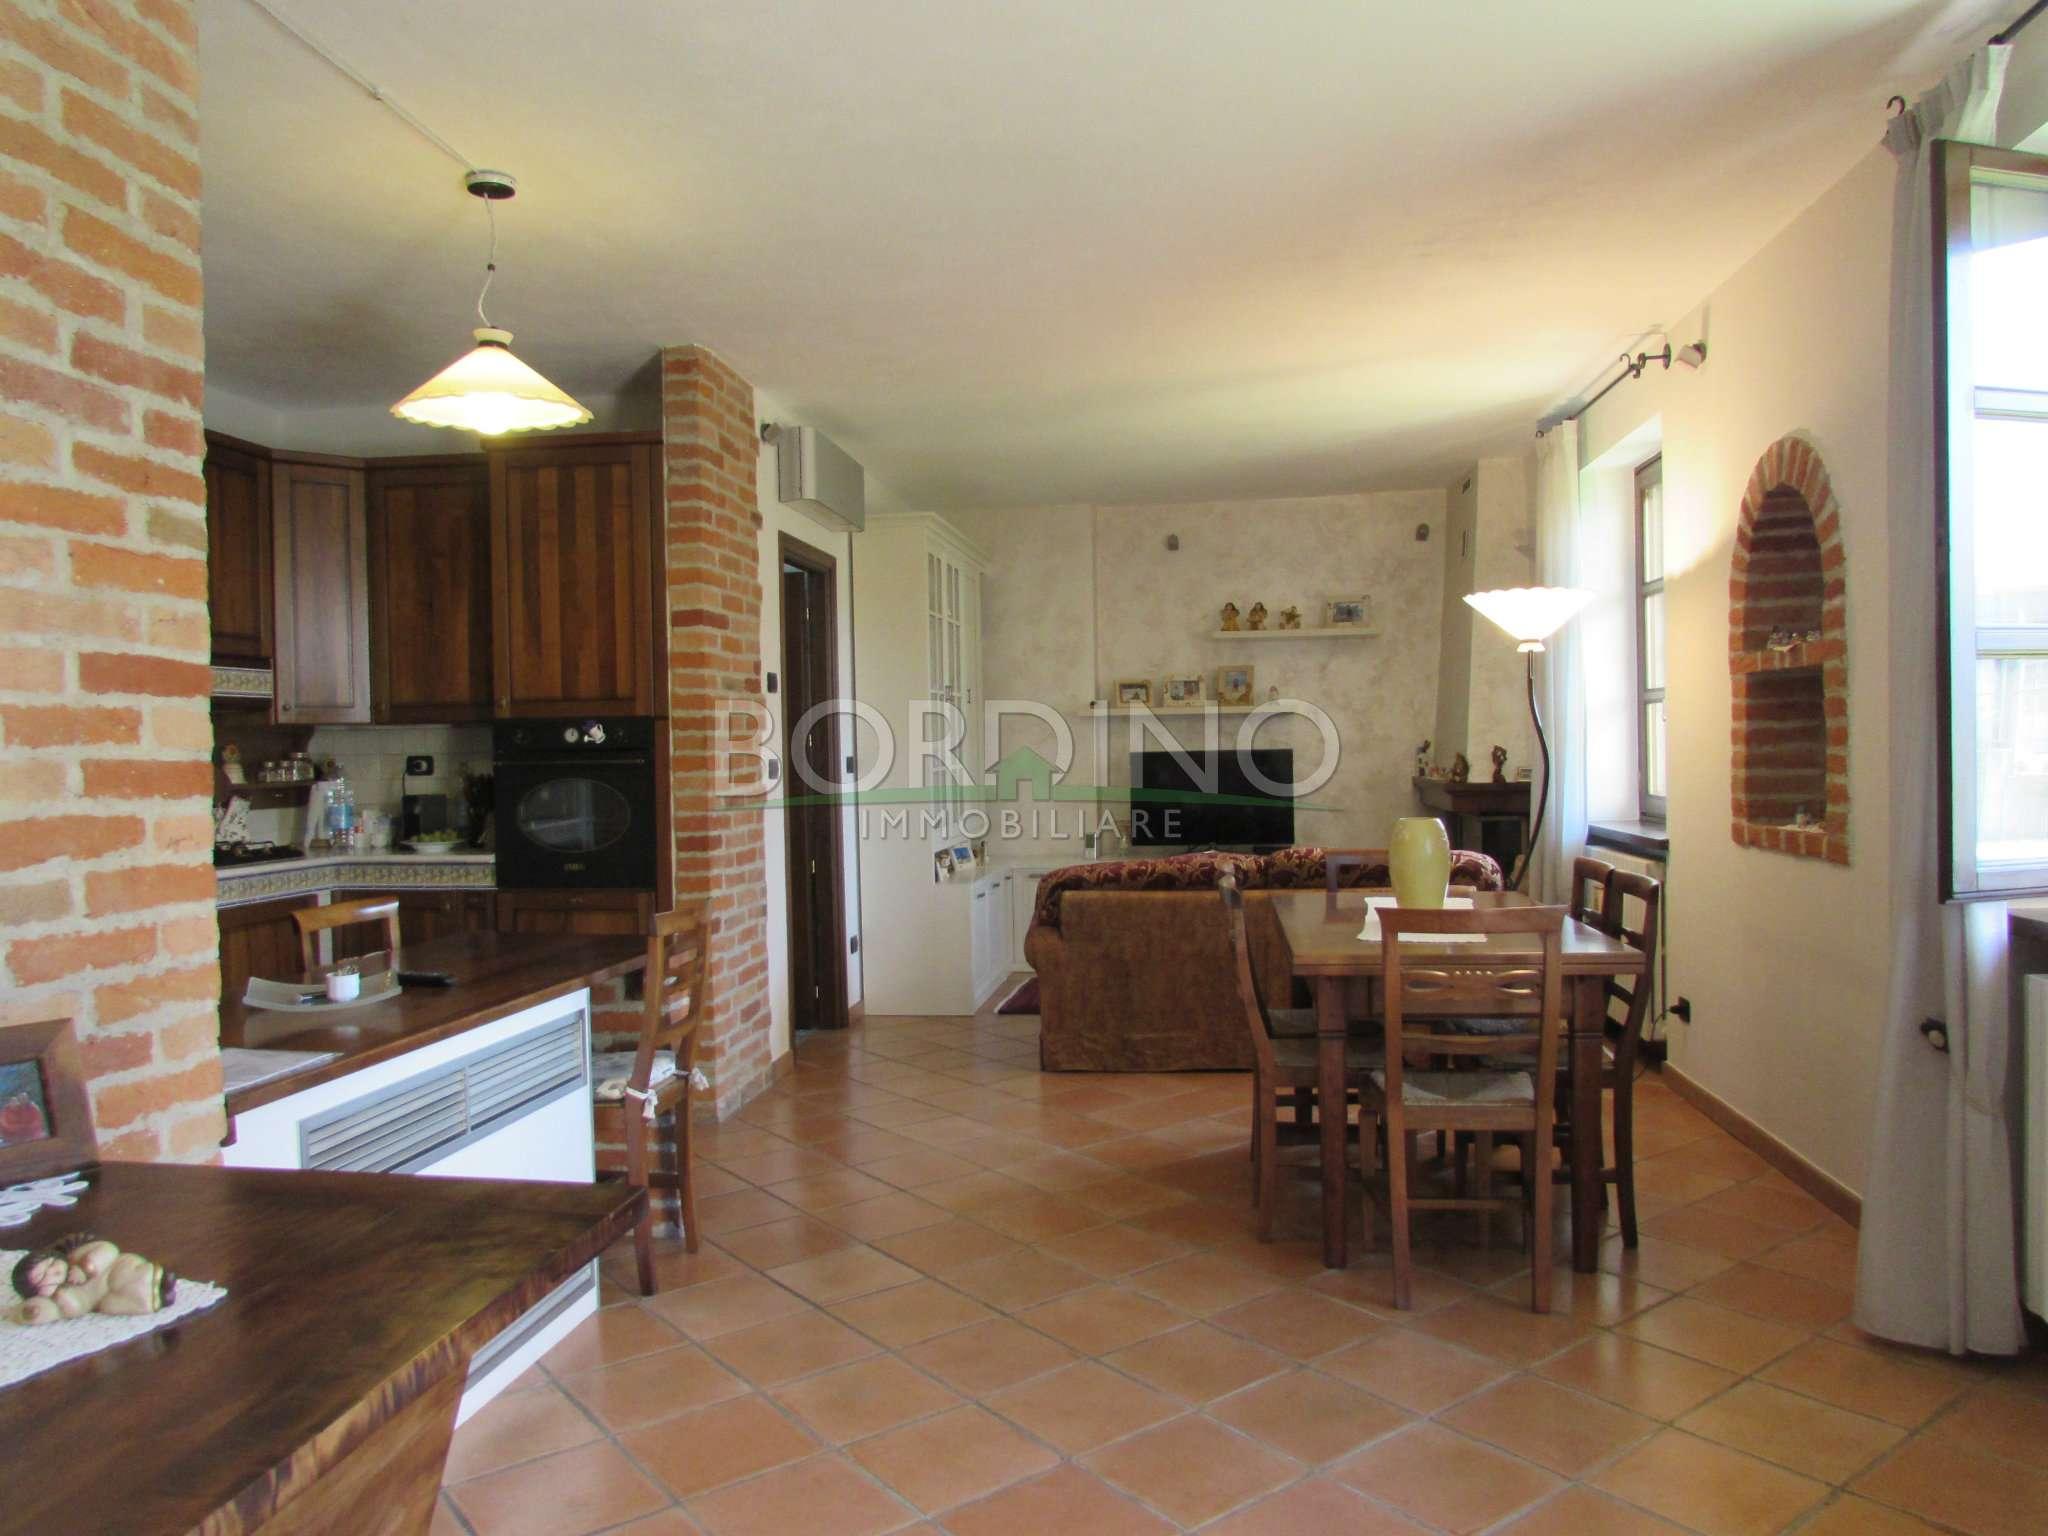 Villa in vendita a Magliano Alfieri, 4 locali, prezzo € 230.000 | CambioCasa.it